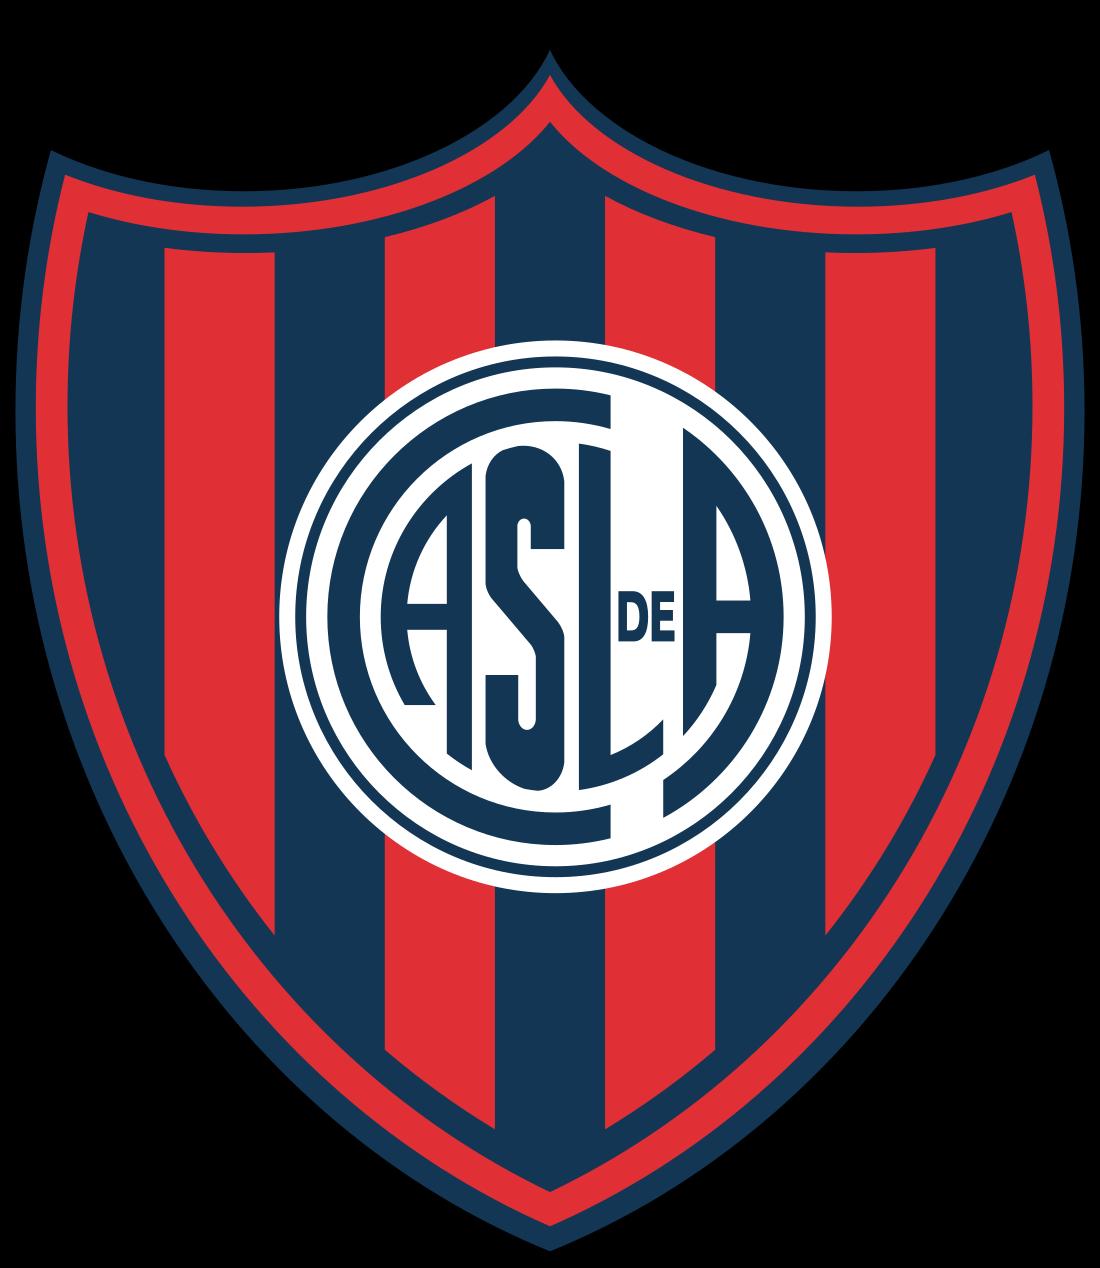 san-lorenzo-logo-escudo-3